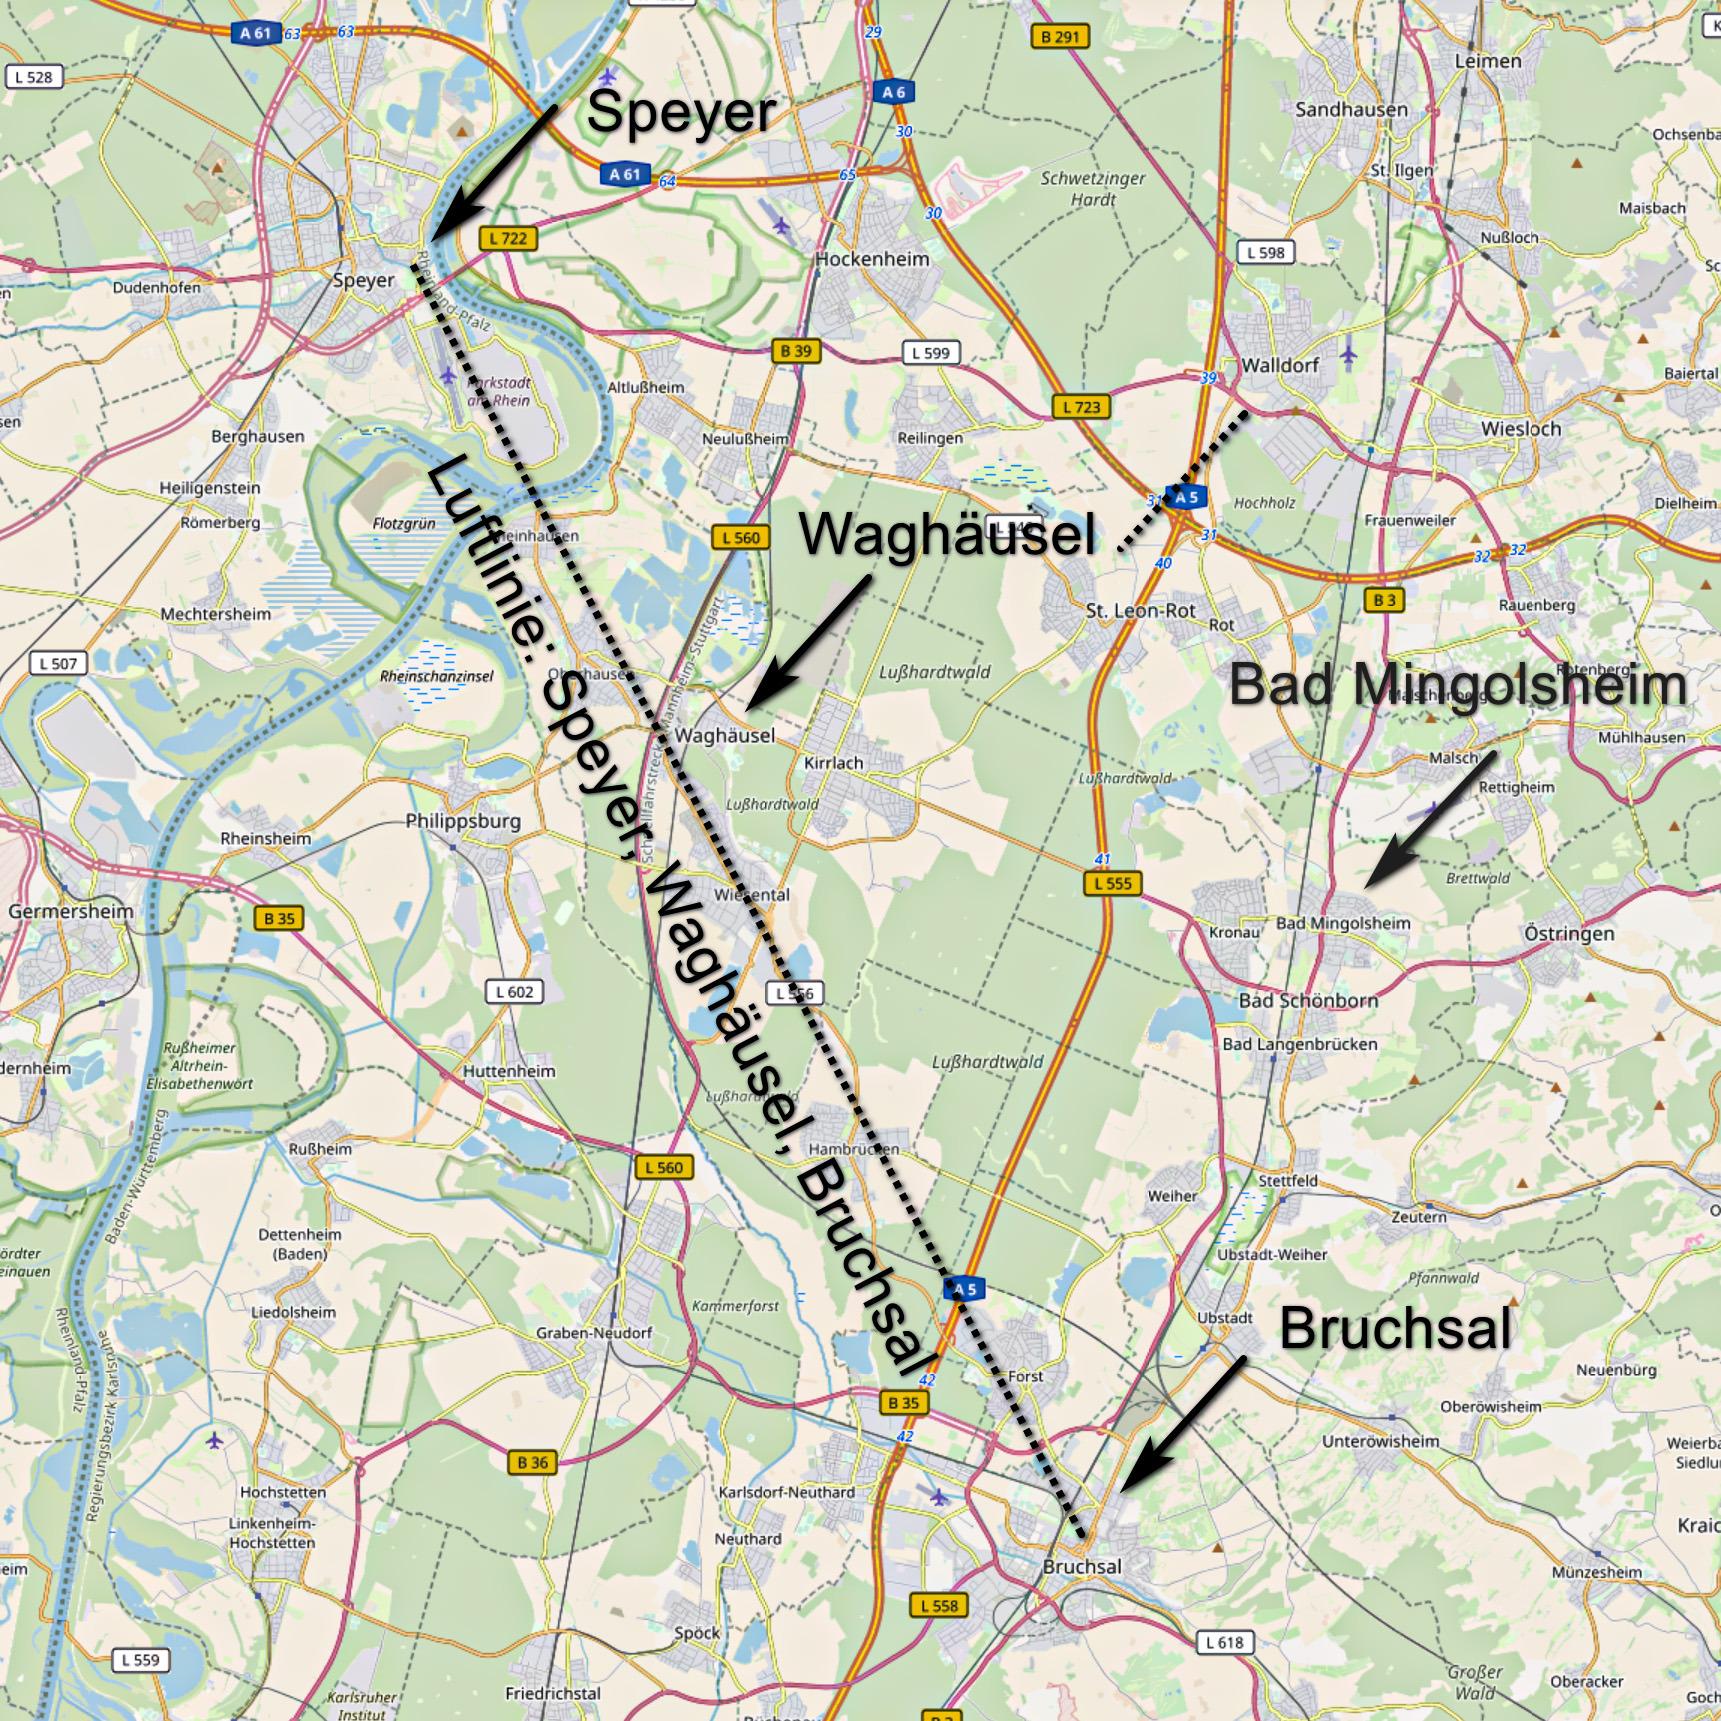 Karte mit den Orten Speyer, Waghäusel und Bruchsal sowie deren Verbindungslinie (Karte: © OpenStreetMap-Mitwirkende; Lizenz: Namensnennung - Weitergabe unter gleichen Bedingungen 2.0 Generic (CC BY-SA 2.0); siehe: www.openstreetmap.org/copyright)